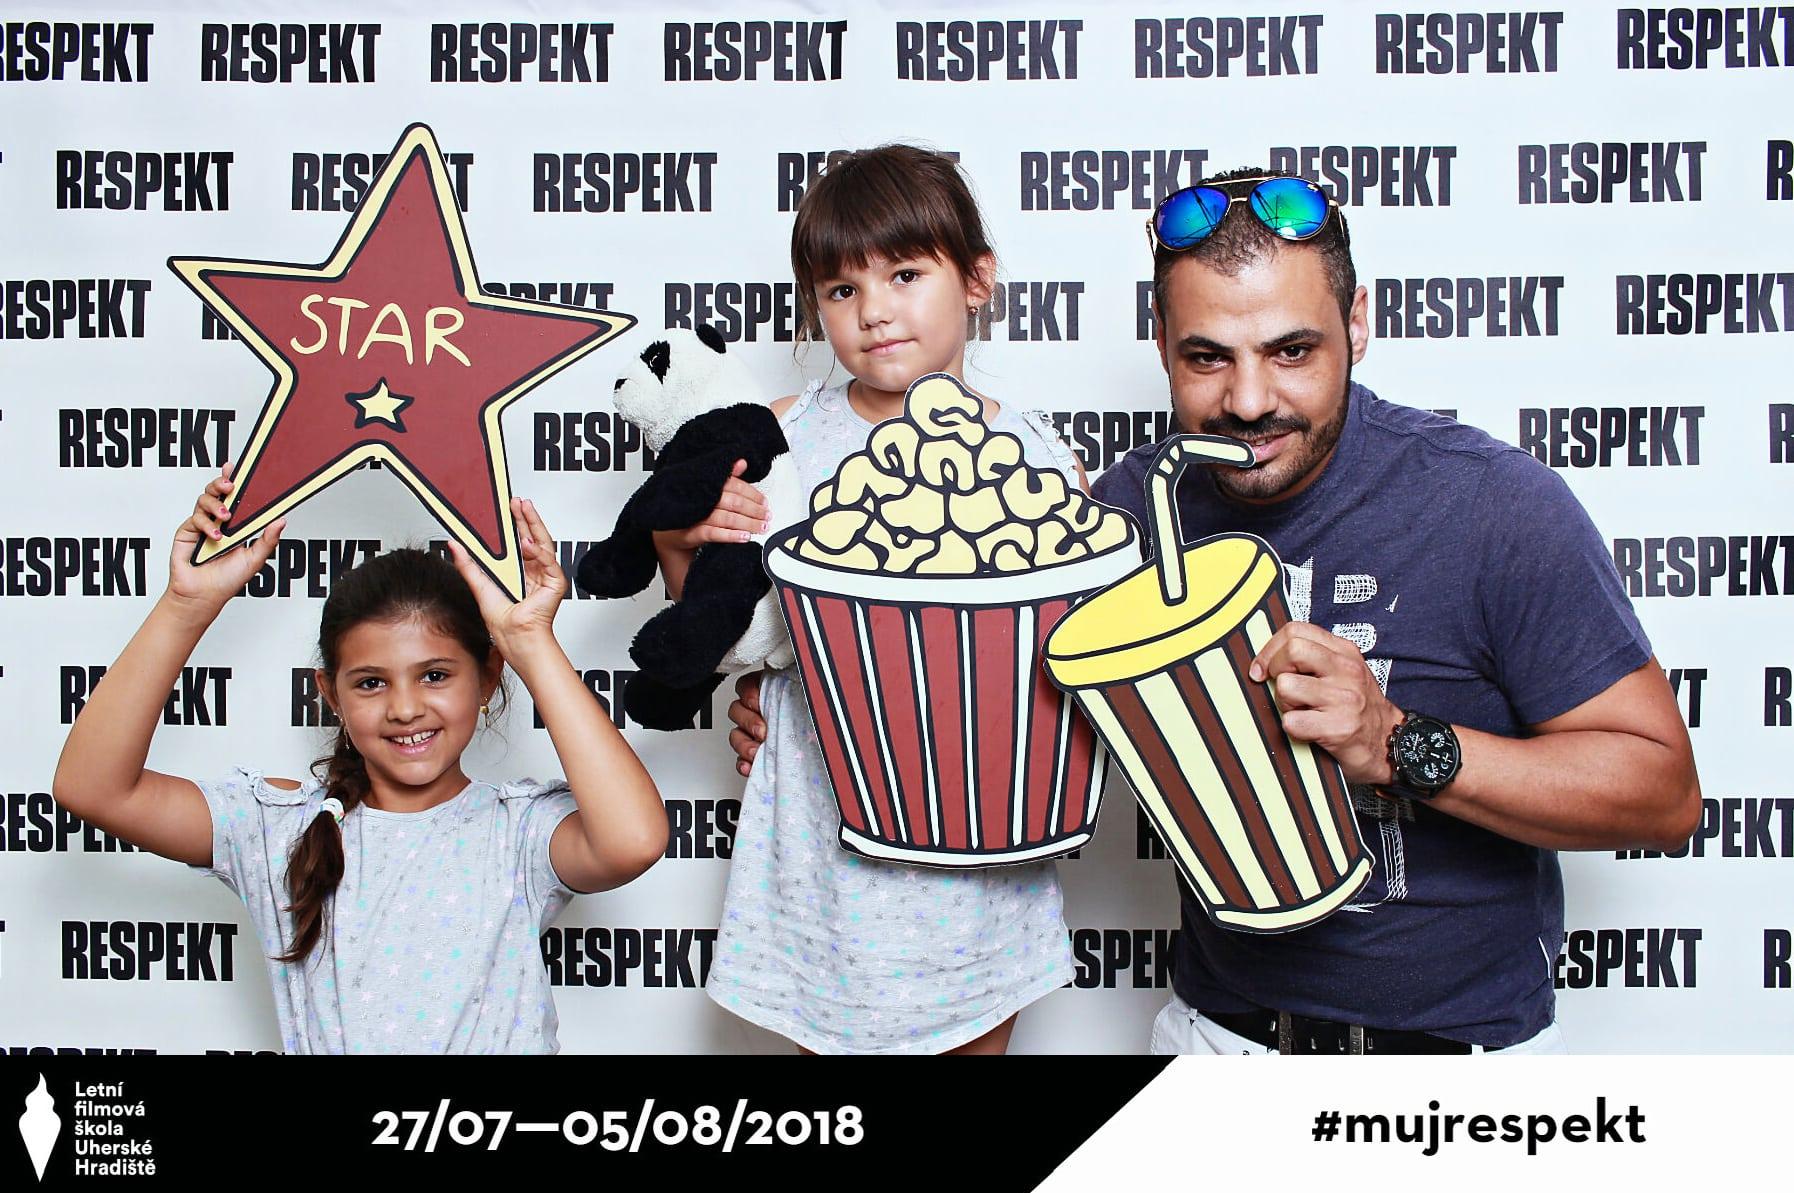 fotokoutek-respekt-28-7-2018-467305